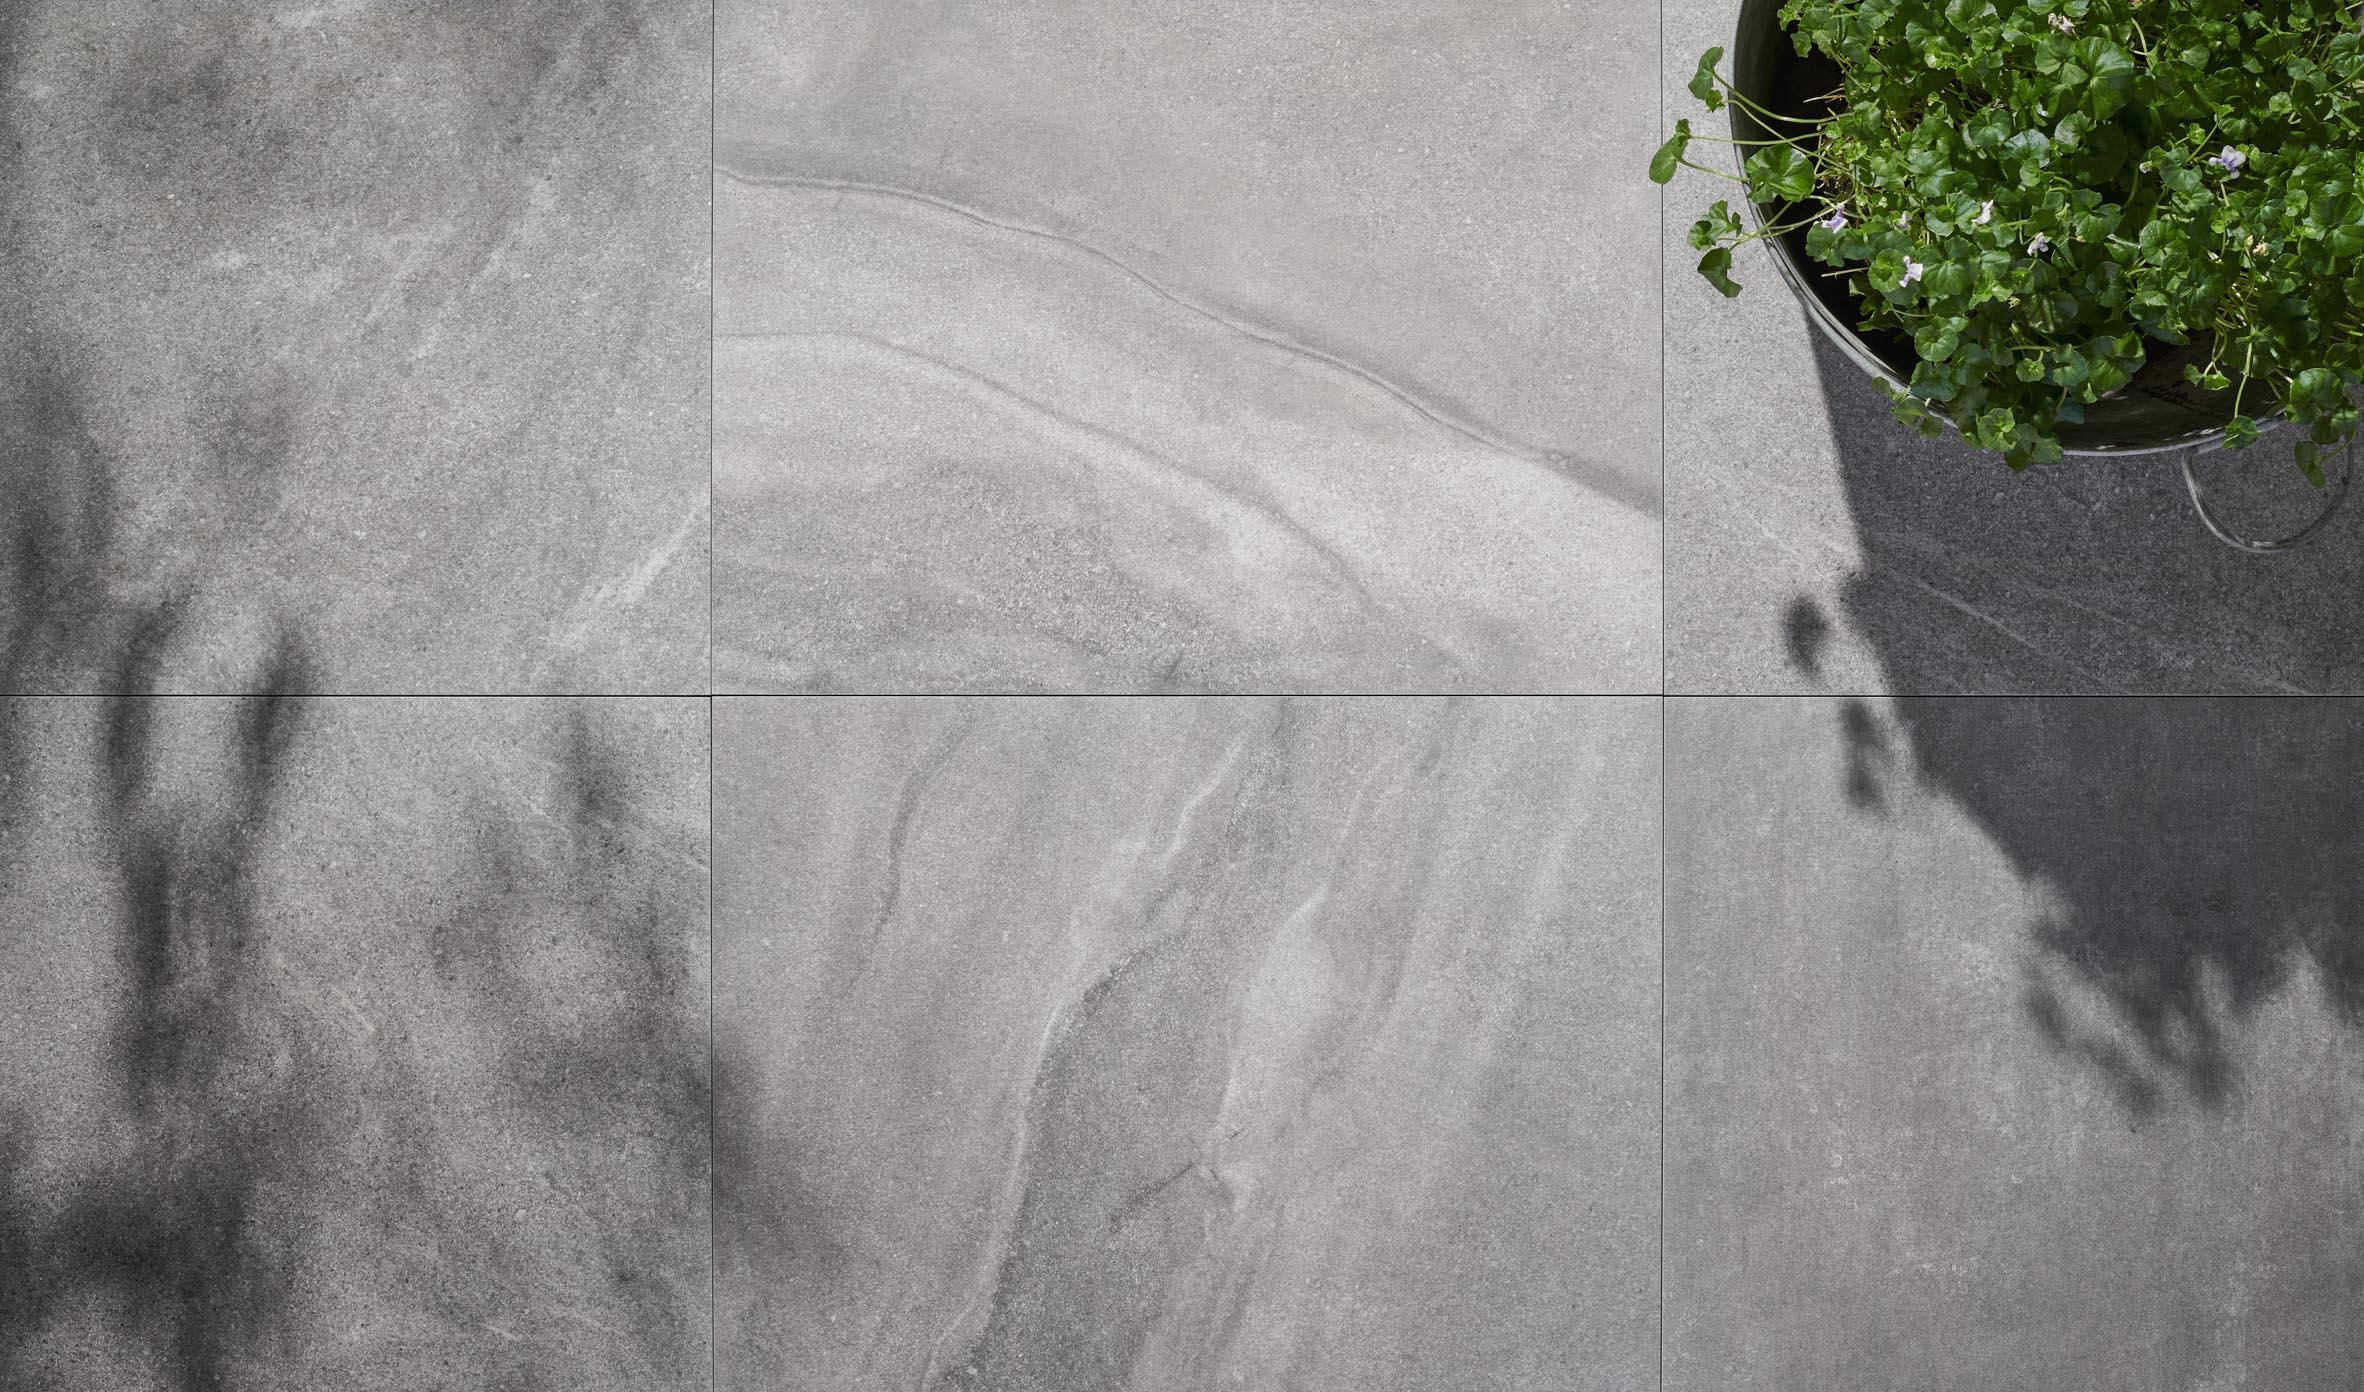 Porcelain-Pavers-Outdoor-20 Thumbnails porcelain-pavers-outdoor-20-26